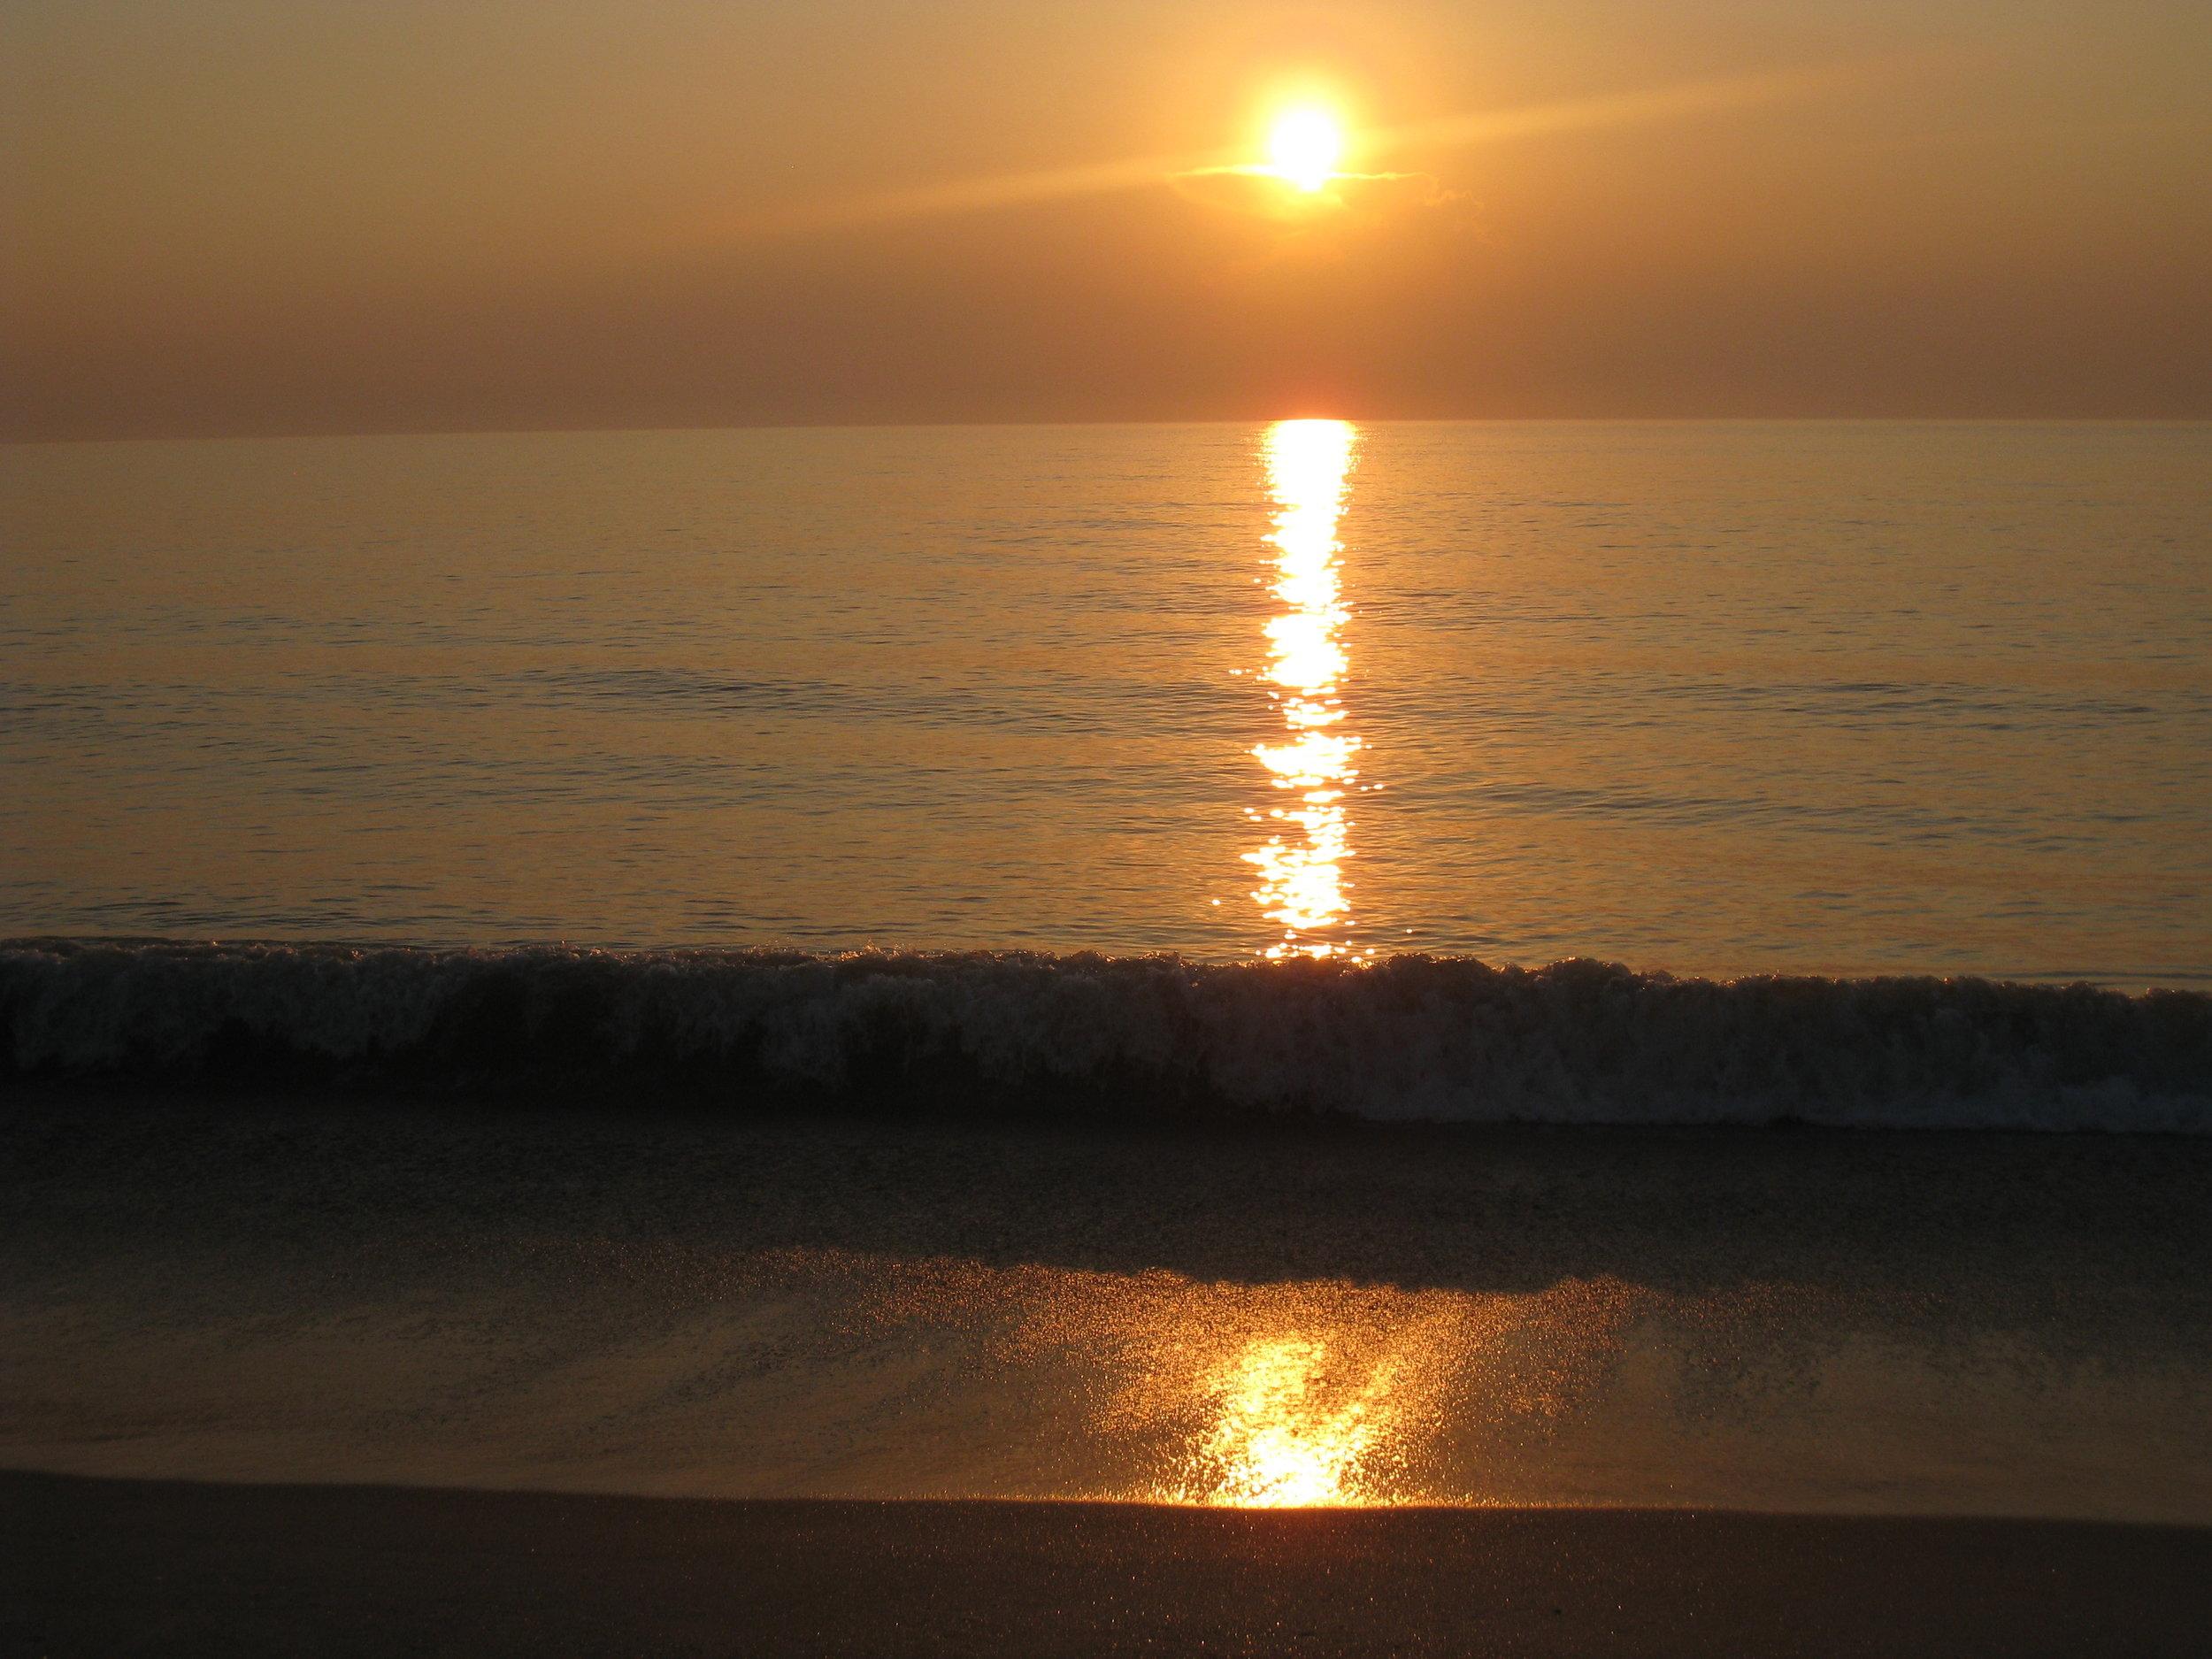 Sunrise, June 13, 2009